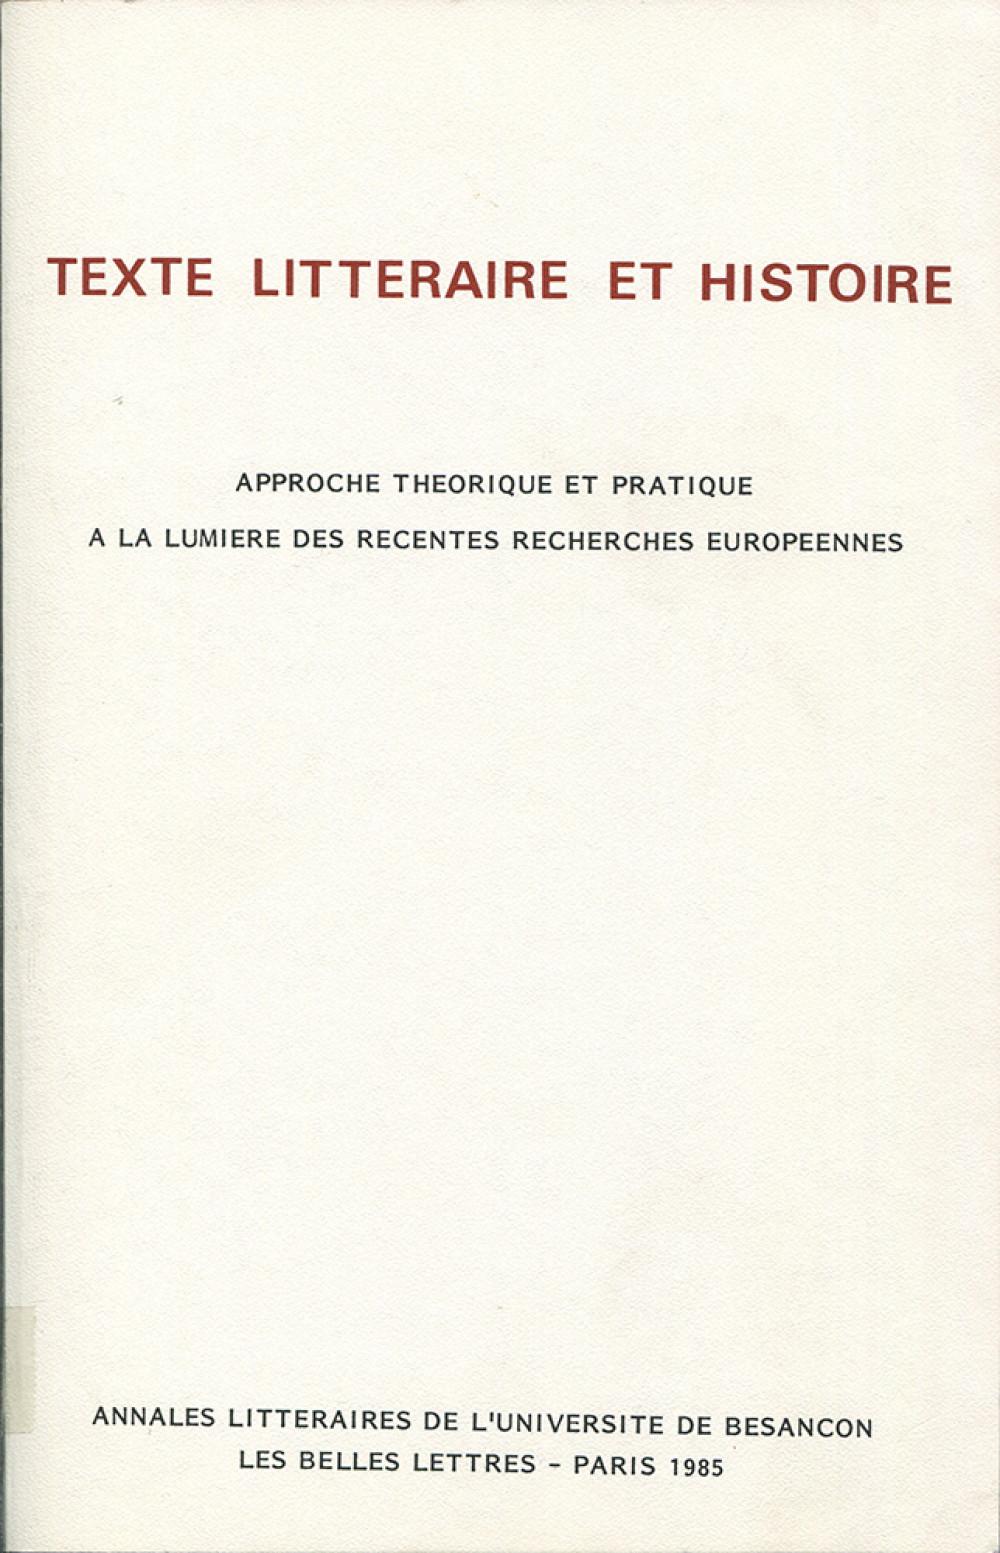 Texte littéraire et histoire